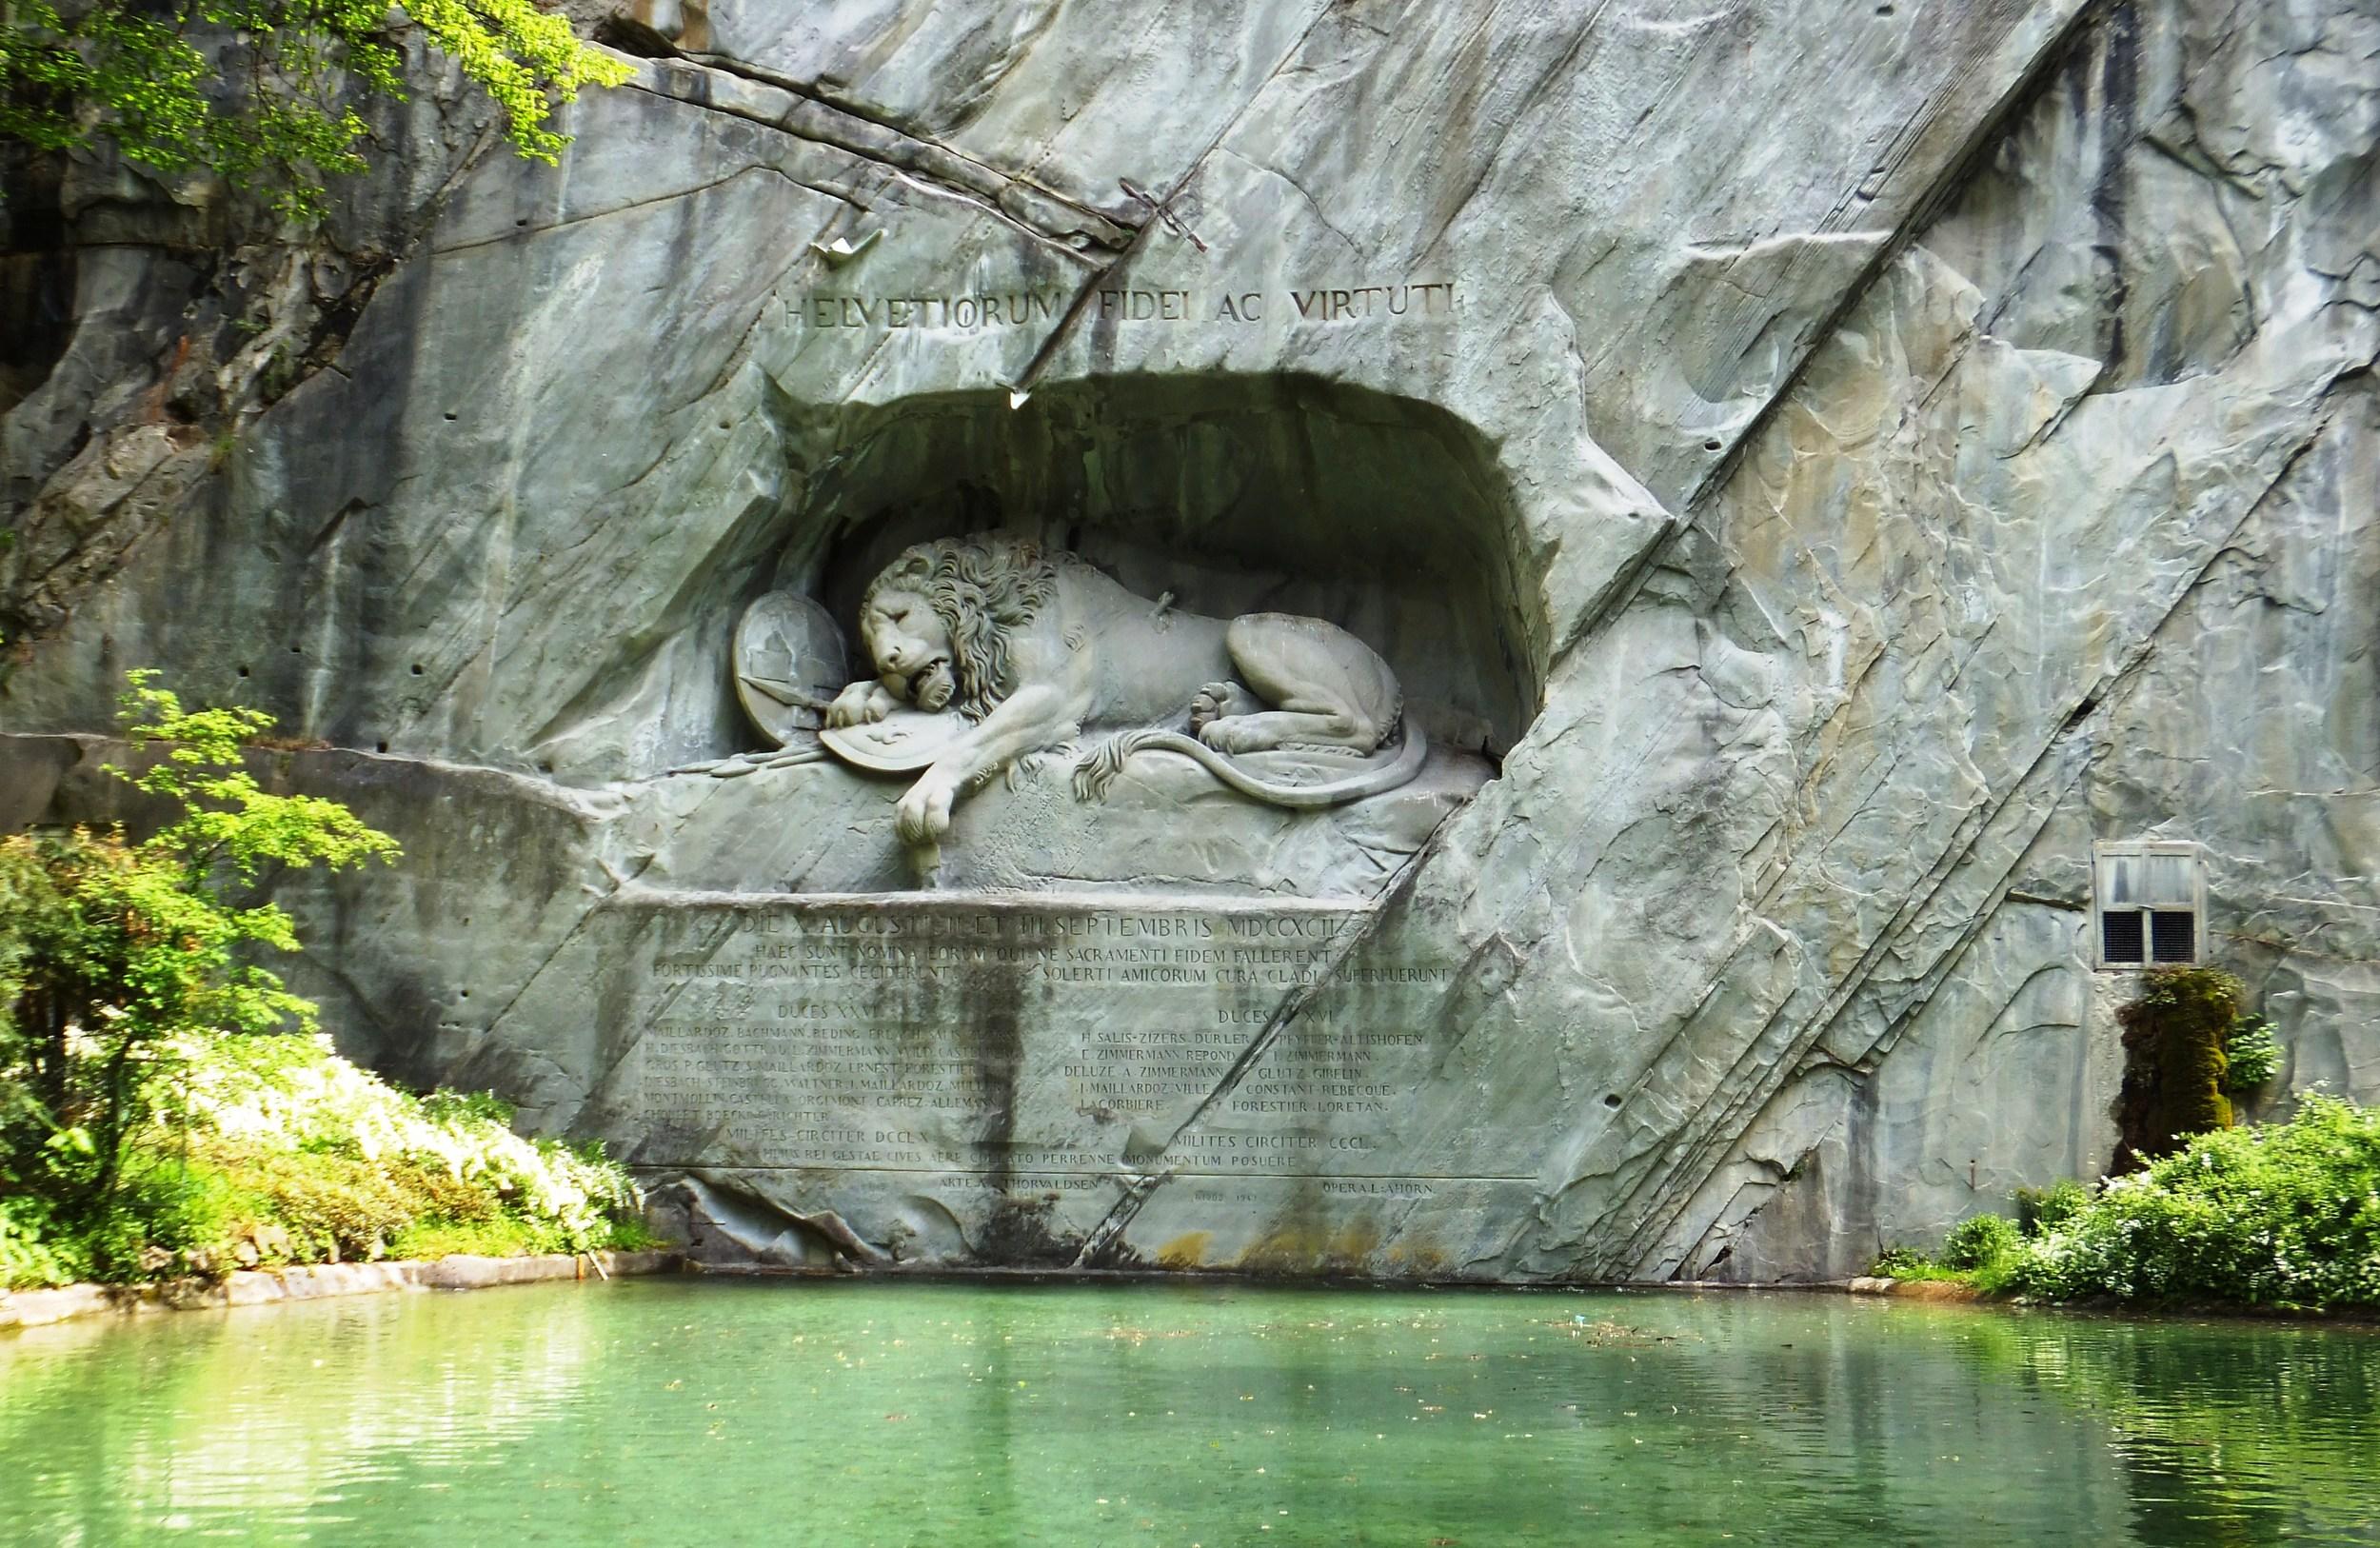 DSCF4203 The Lion Monument